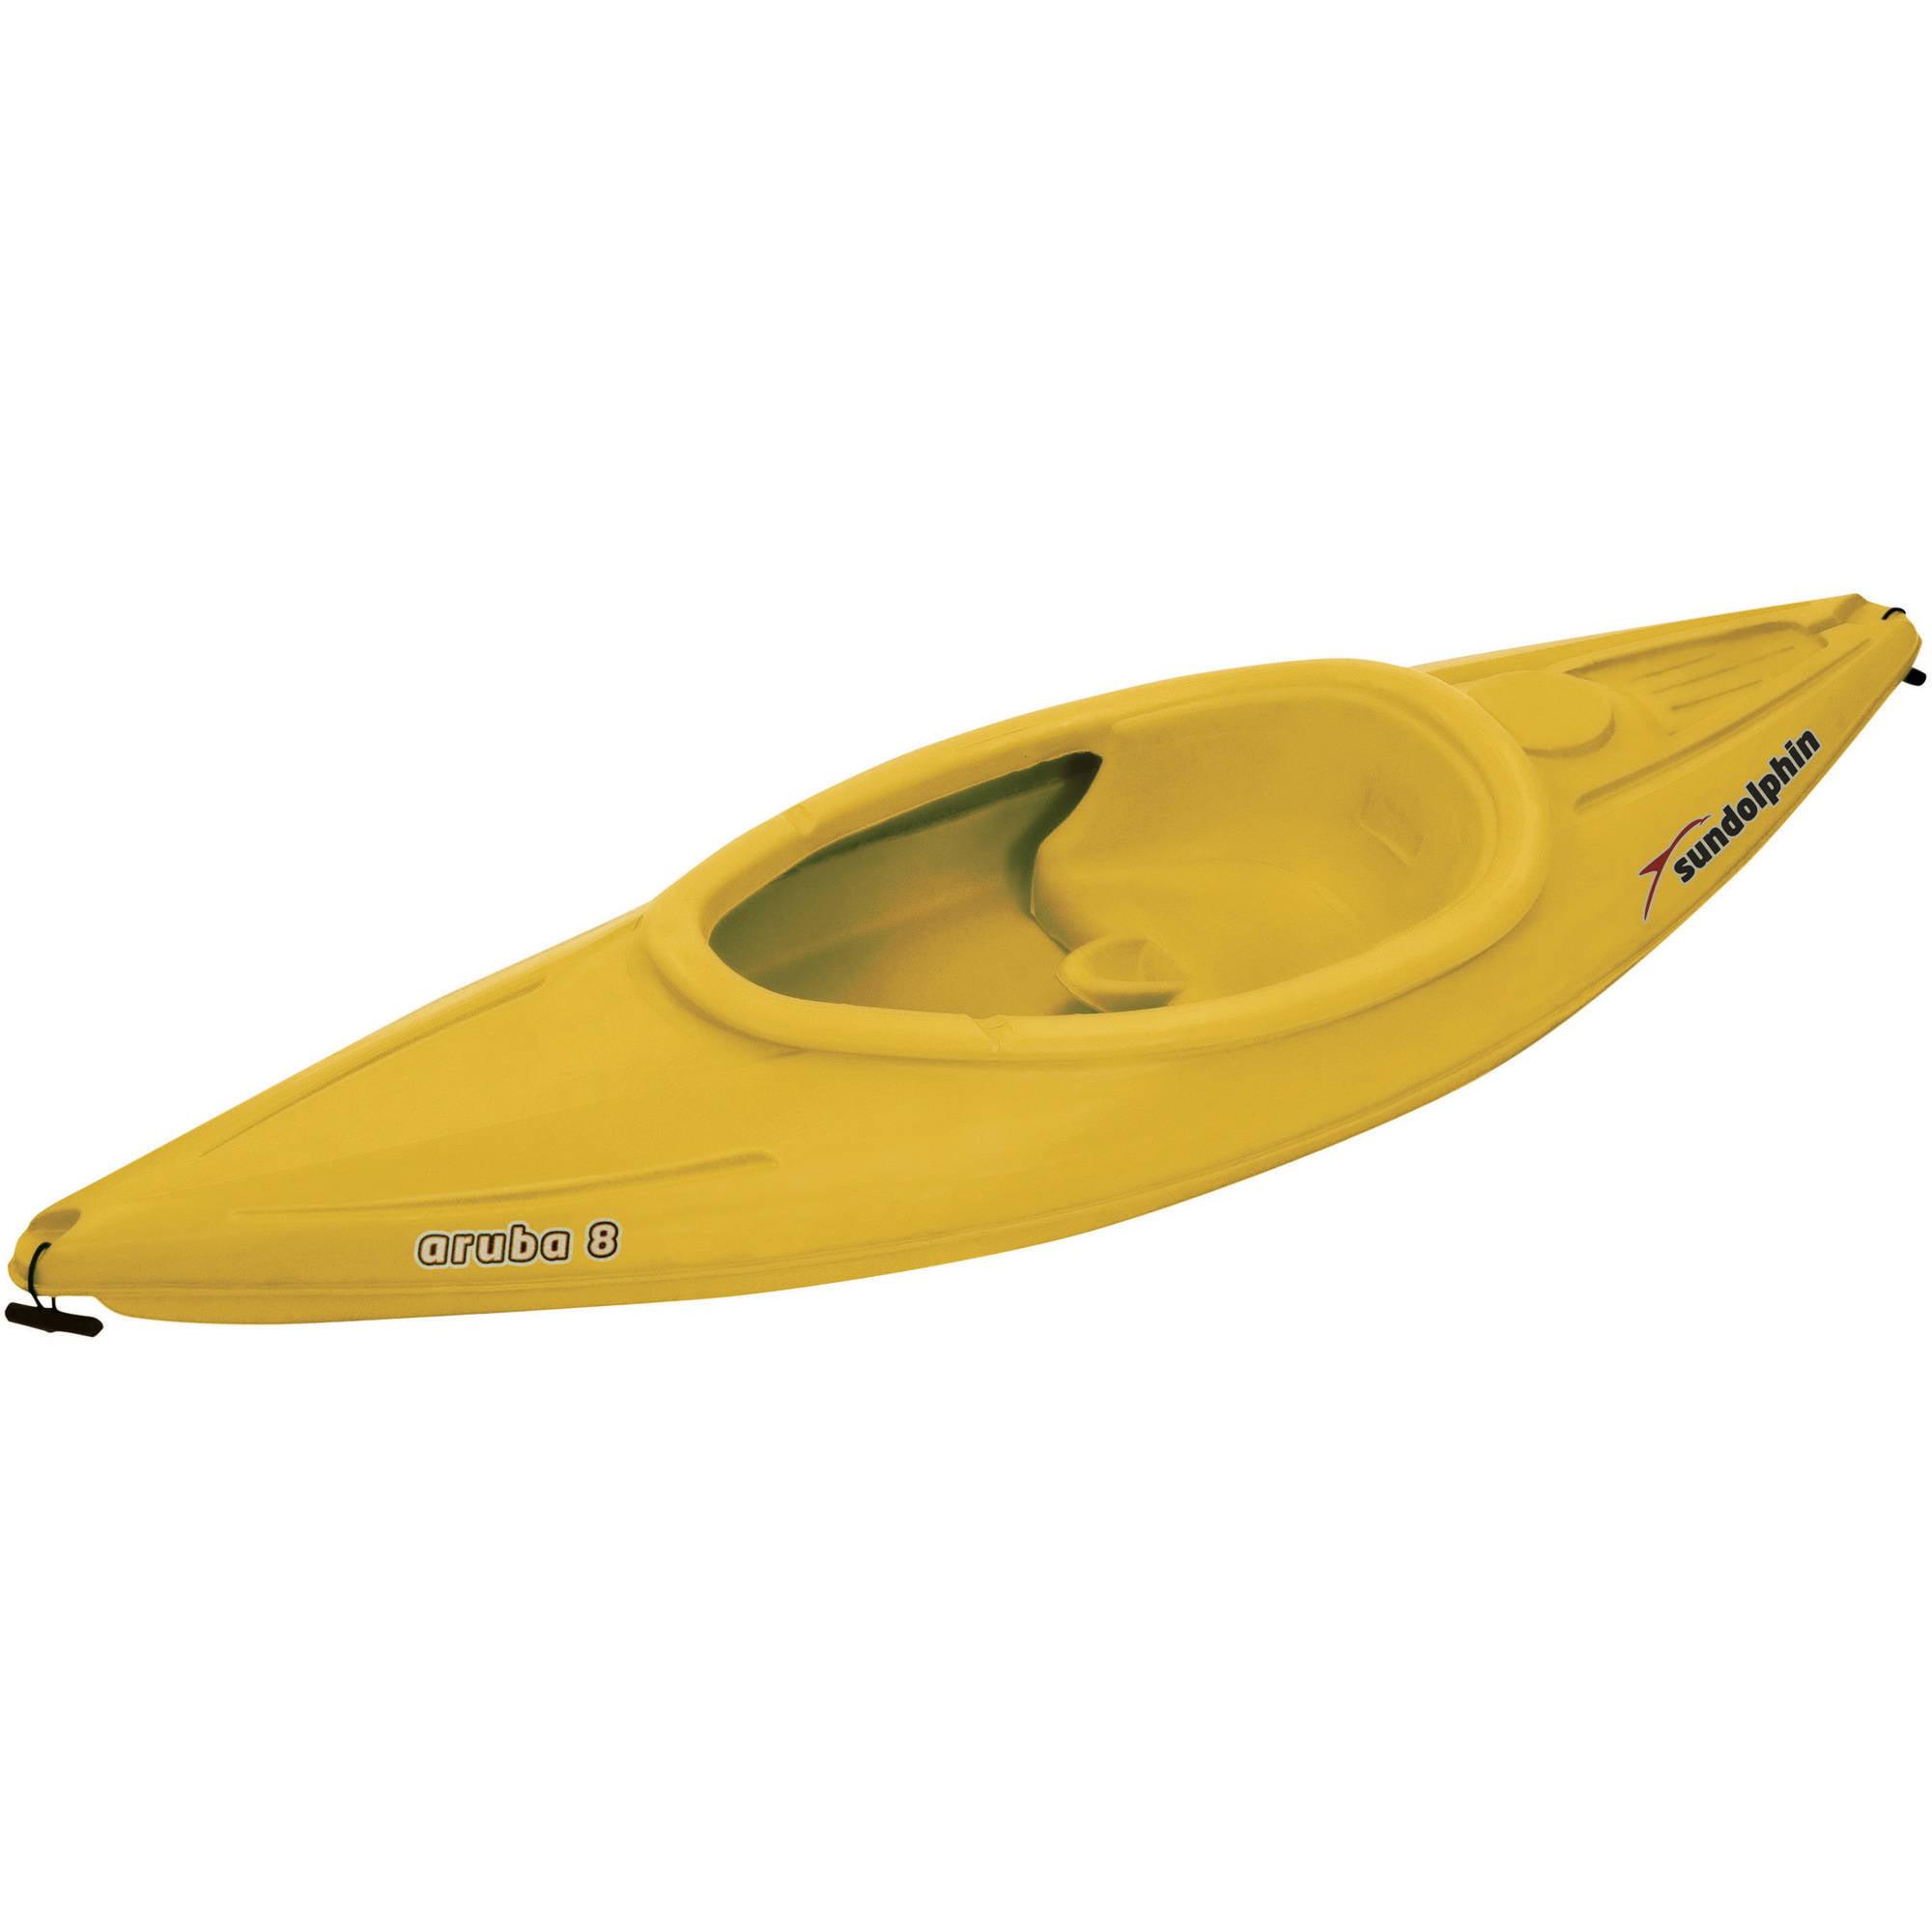 Sun Dolphin Aruba 8' Sit In Kayak, Paddle Included